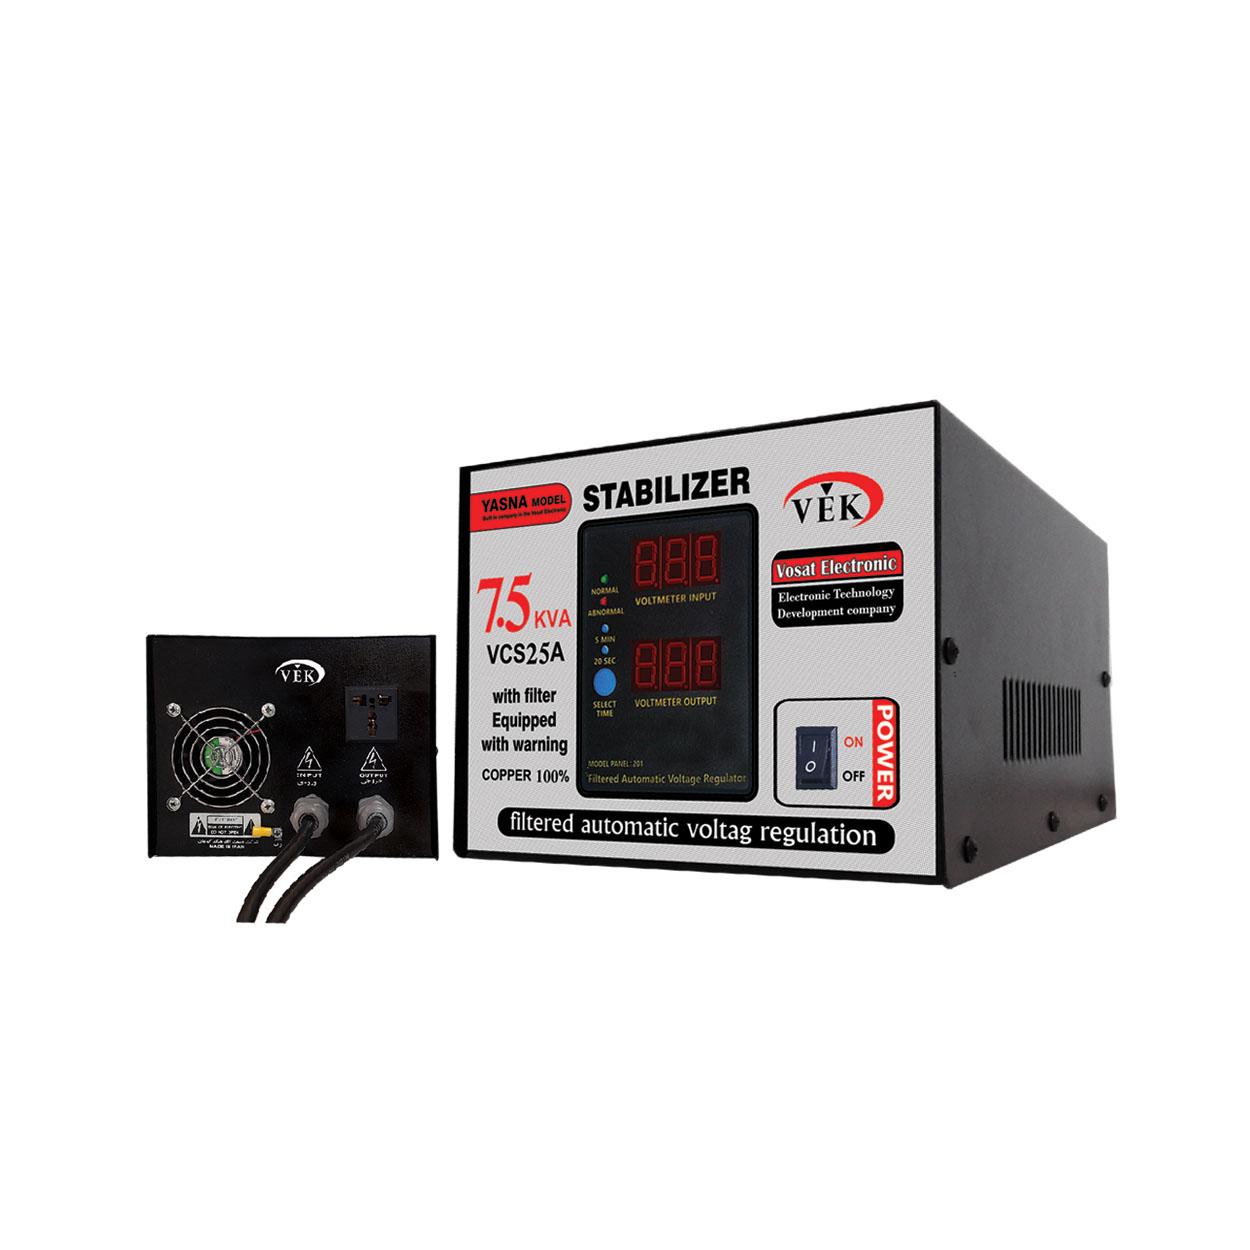 استابلایزر (ترانس اتوماتیک) 7.5KVA